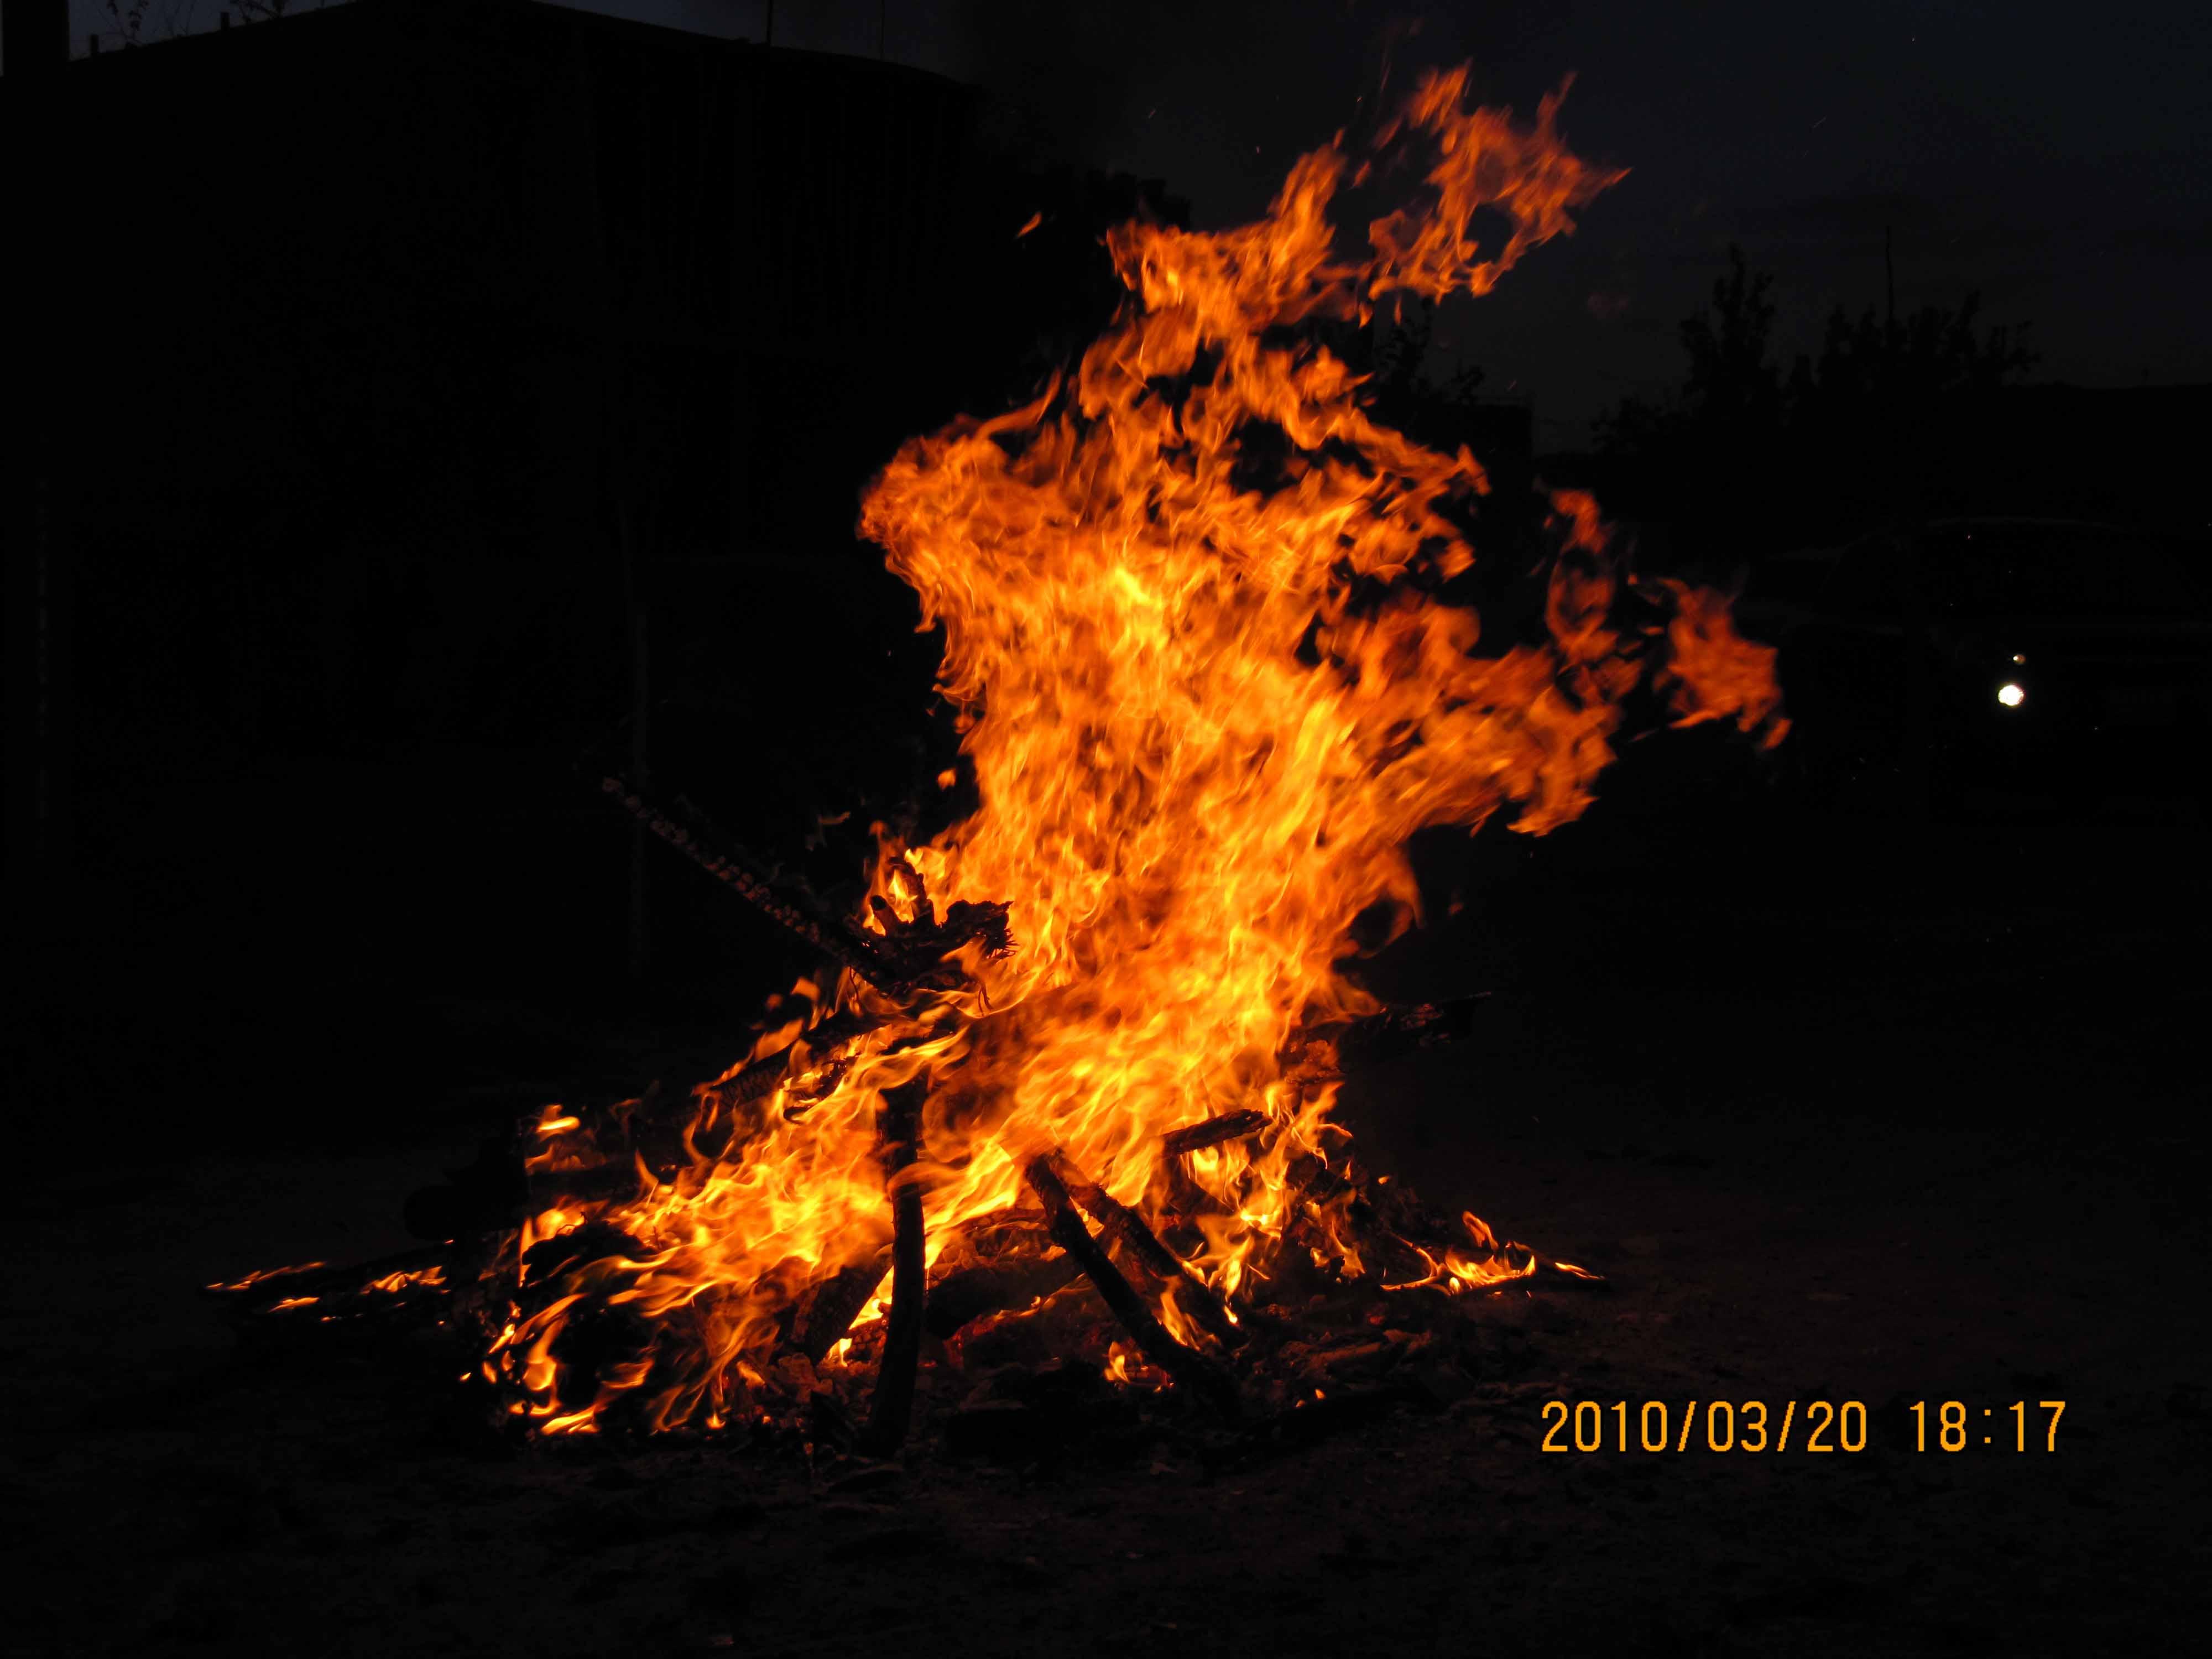 newroz-images-kurd (12)